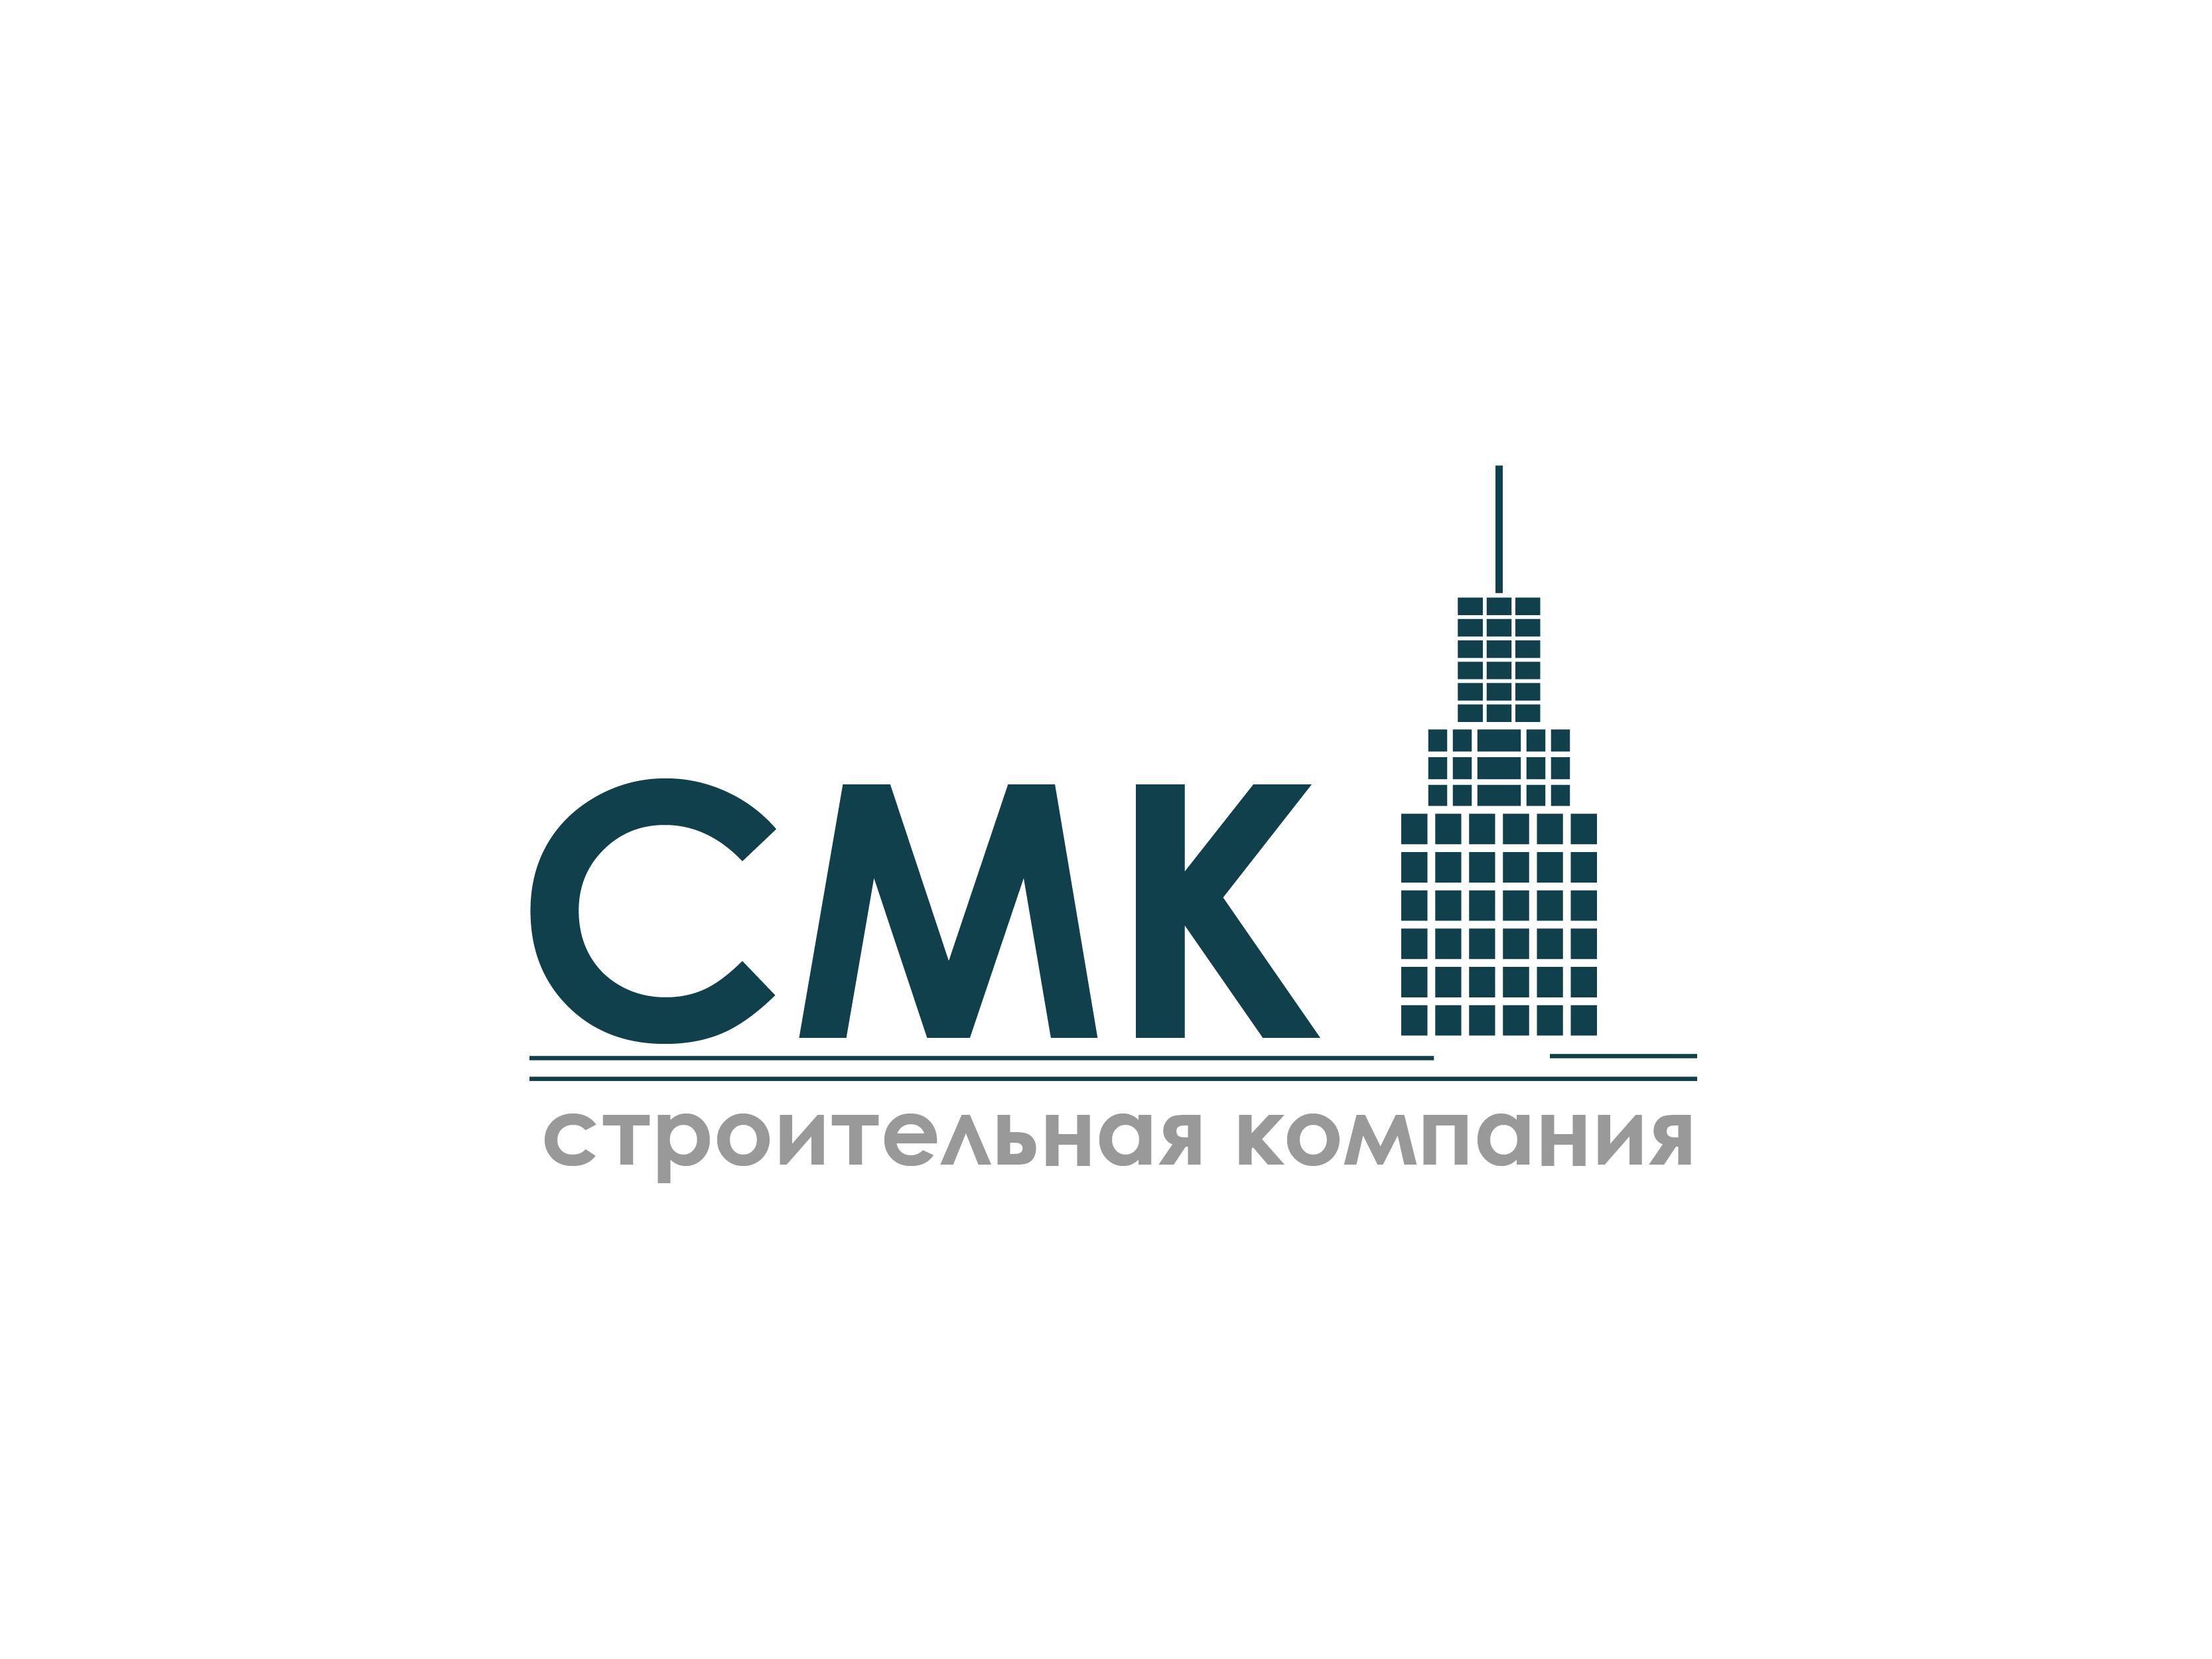 Разработка логотипа компании фото f_2215dc42ed125863.png